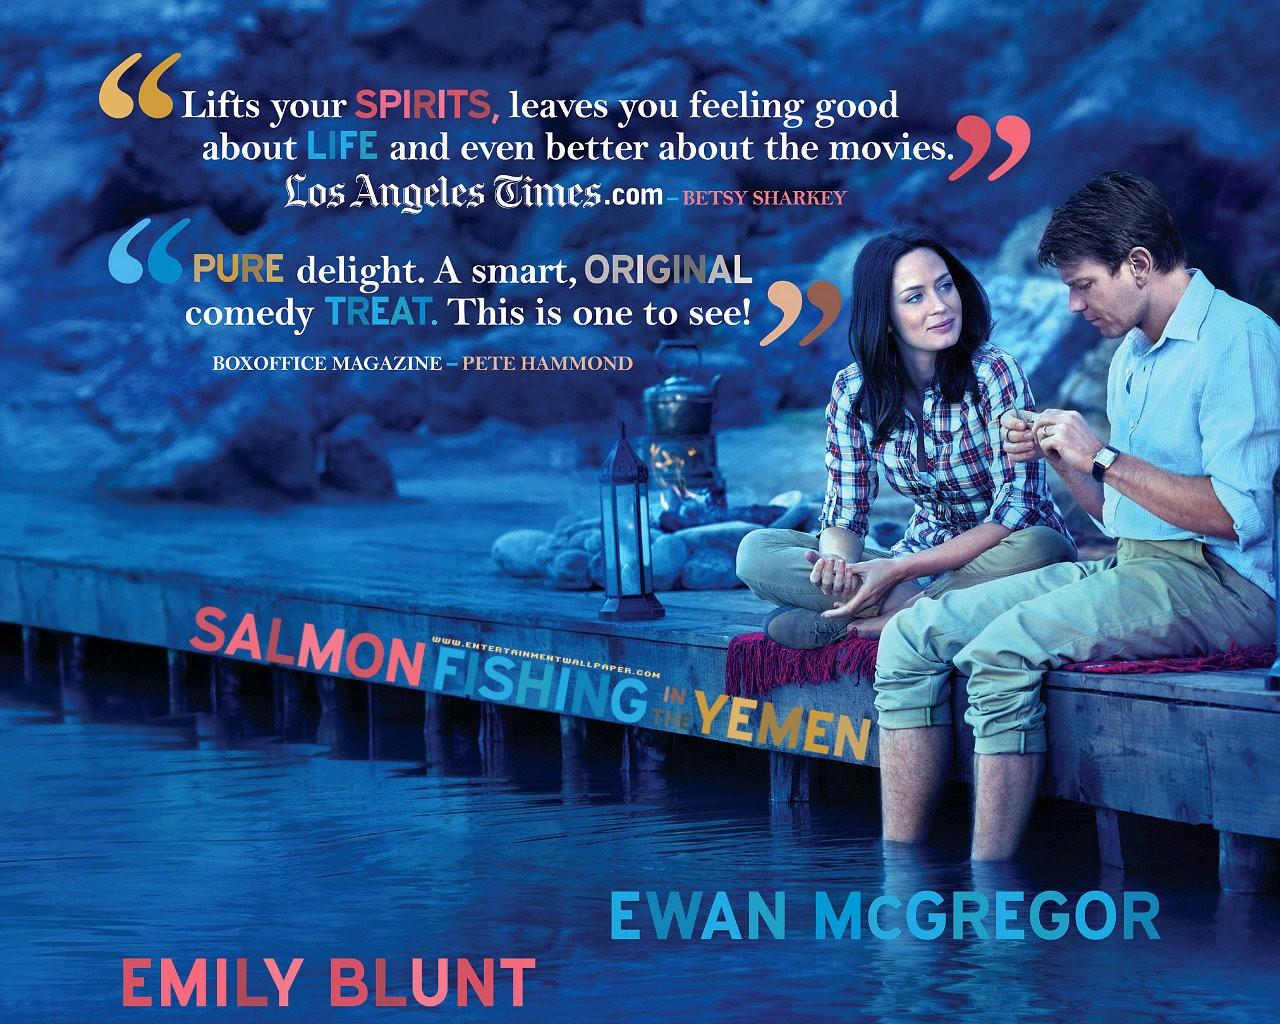 http://3.bp.blogspot.com/-JfQdZsyn5vs/T98FOXwNsFI/AAAAAAAADuw/LXY3PzIk7Y4/s1600/salmon-fishing-in-the-yemen03.jpg